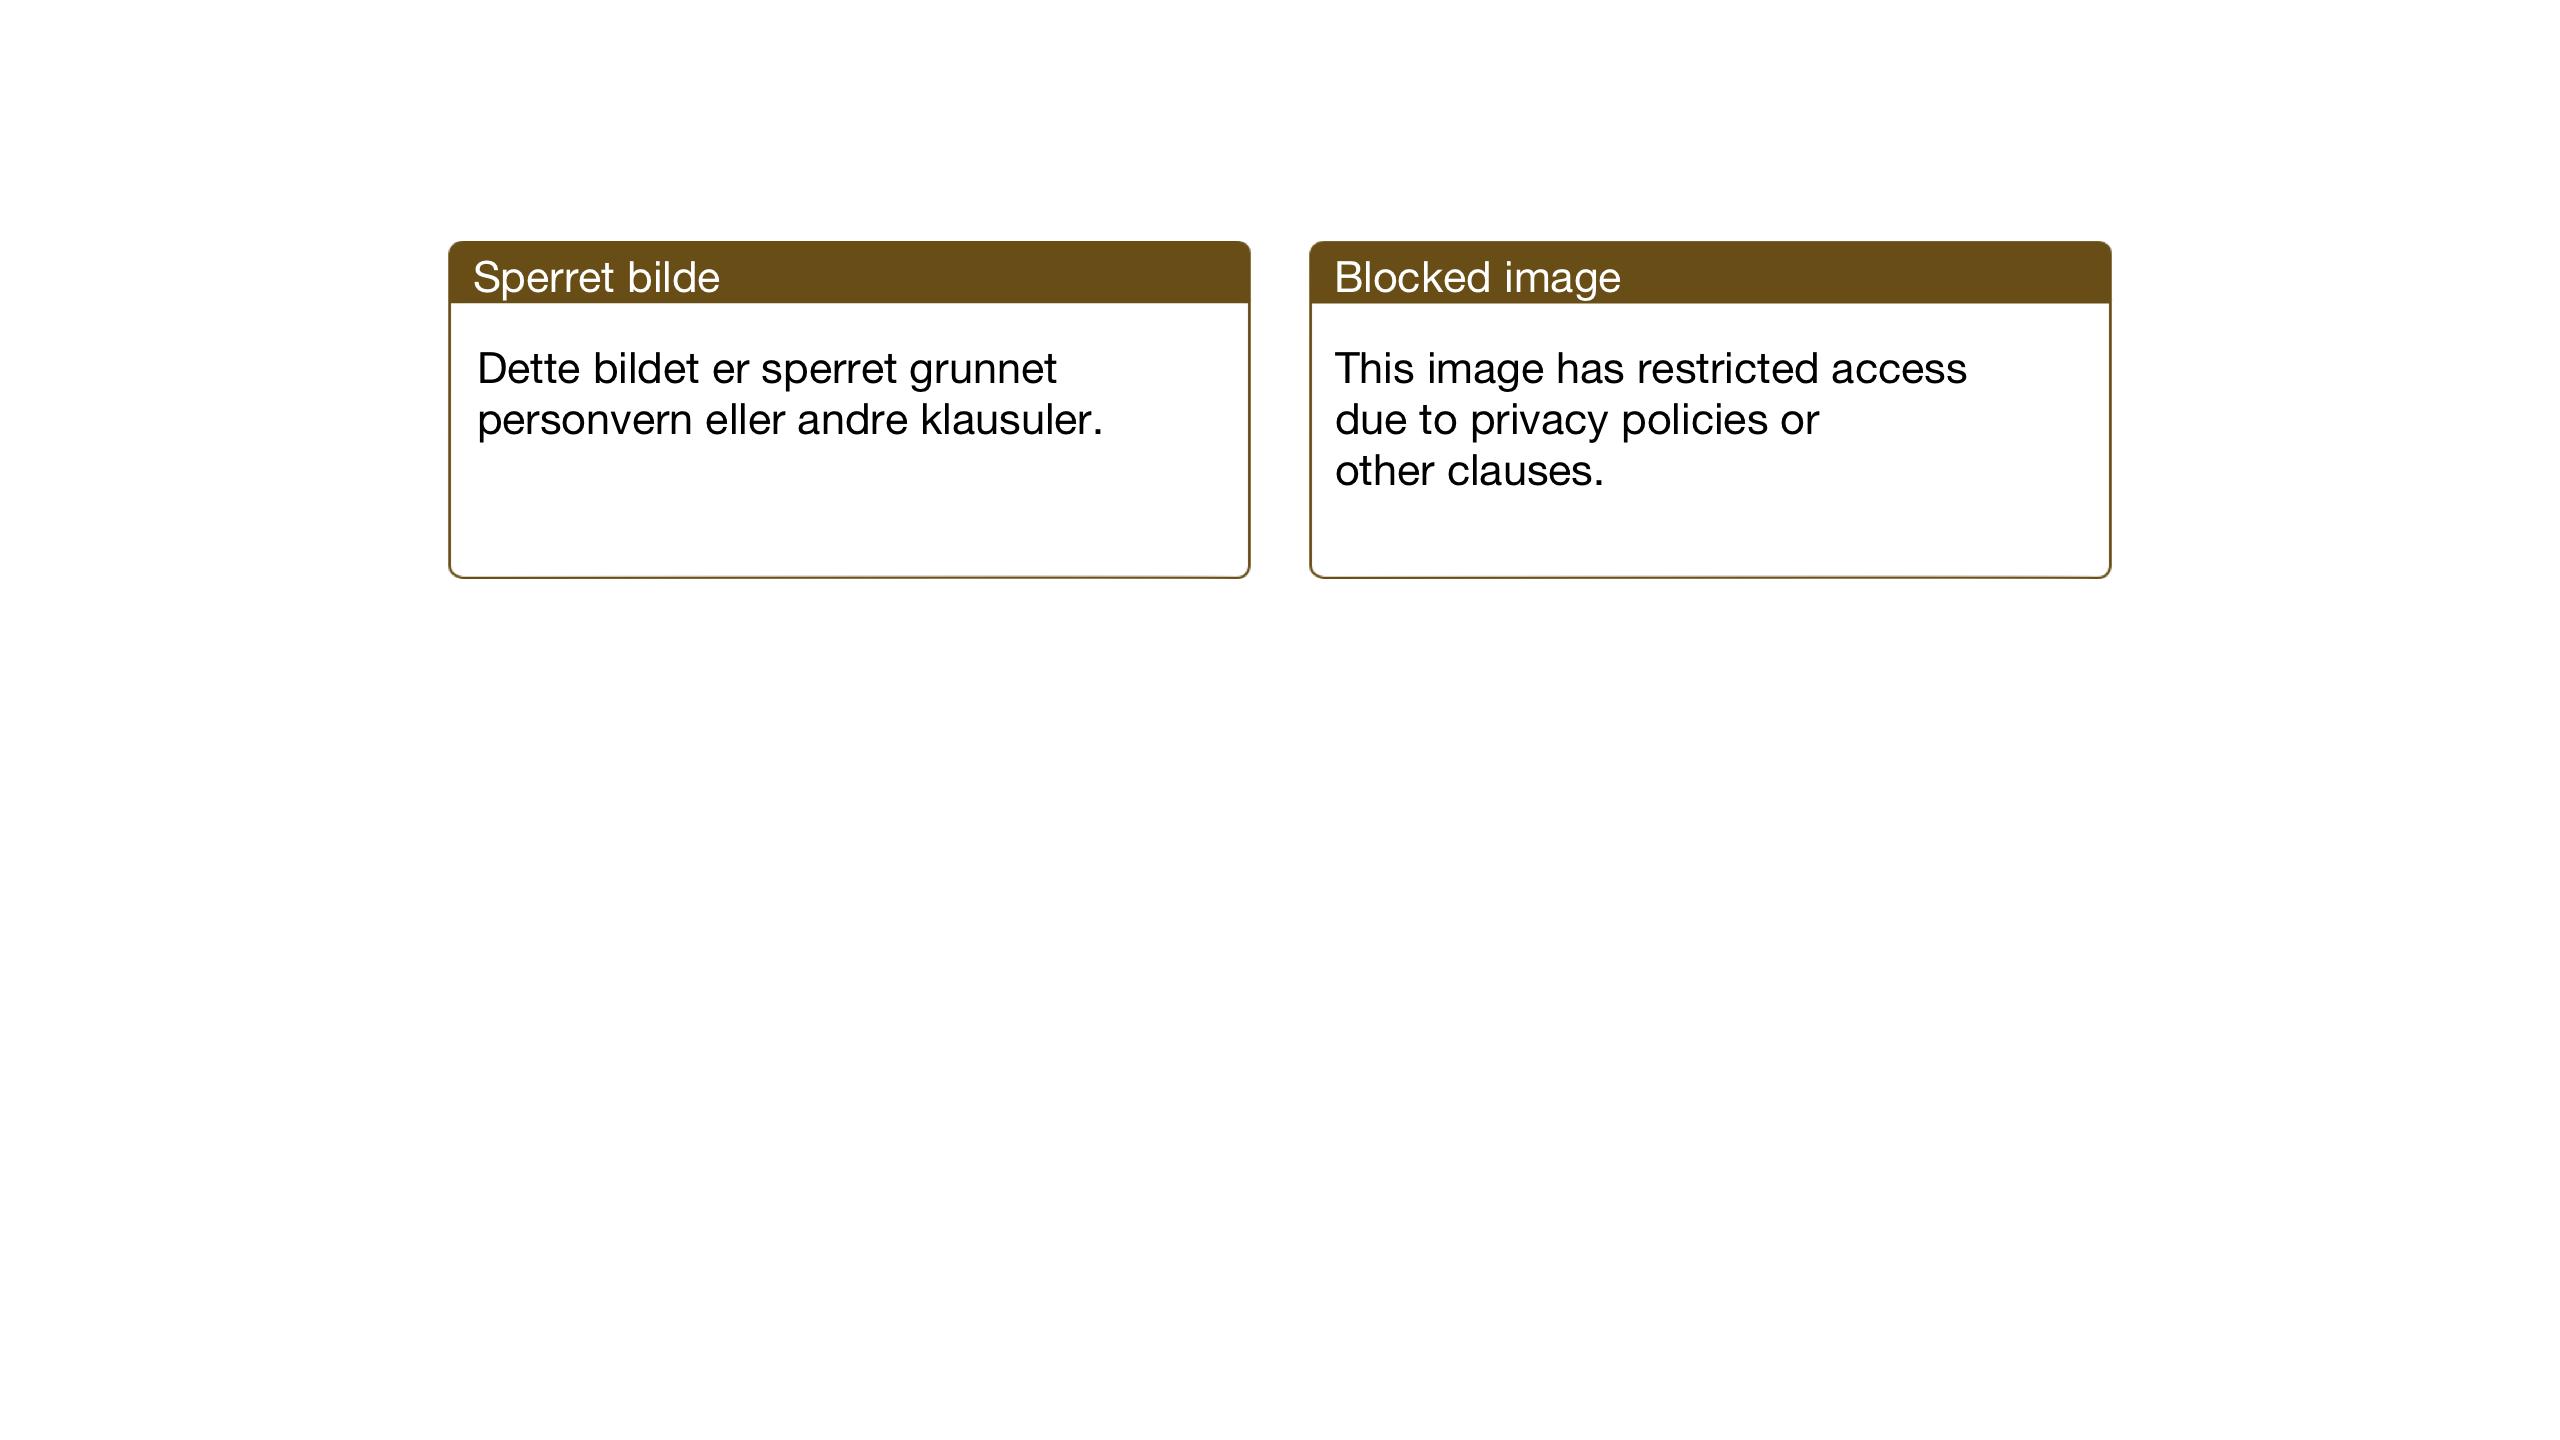 SAT, Ministerialprotokoller, klokkerbøker og fødselsregistre - Sør-Trøndelag, 670/L0837: Klokkerbok nr. 670C01, 1905-1946, s. 186-187